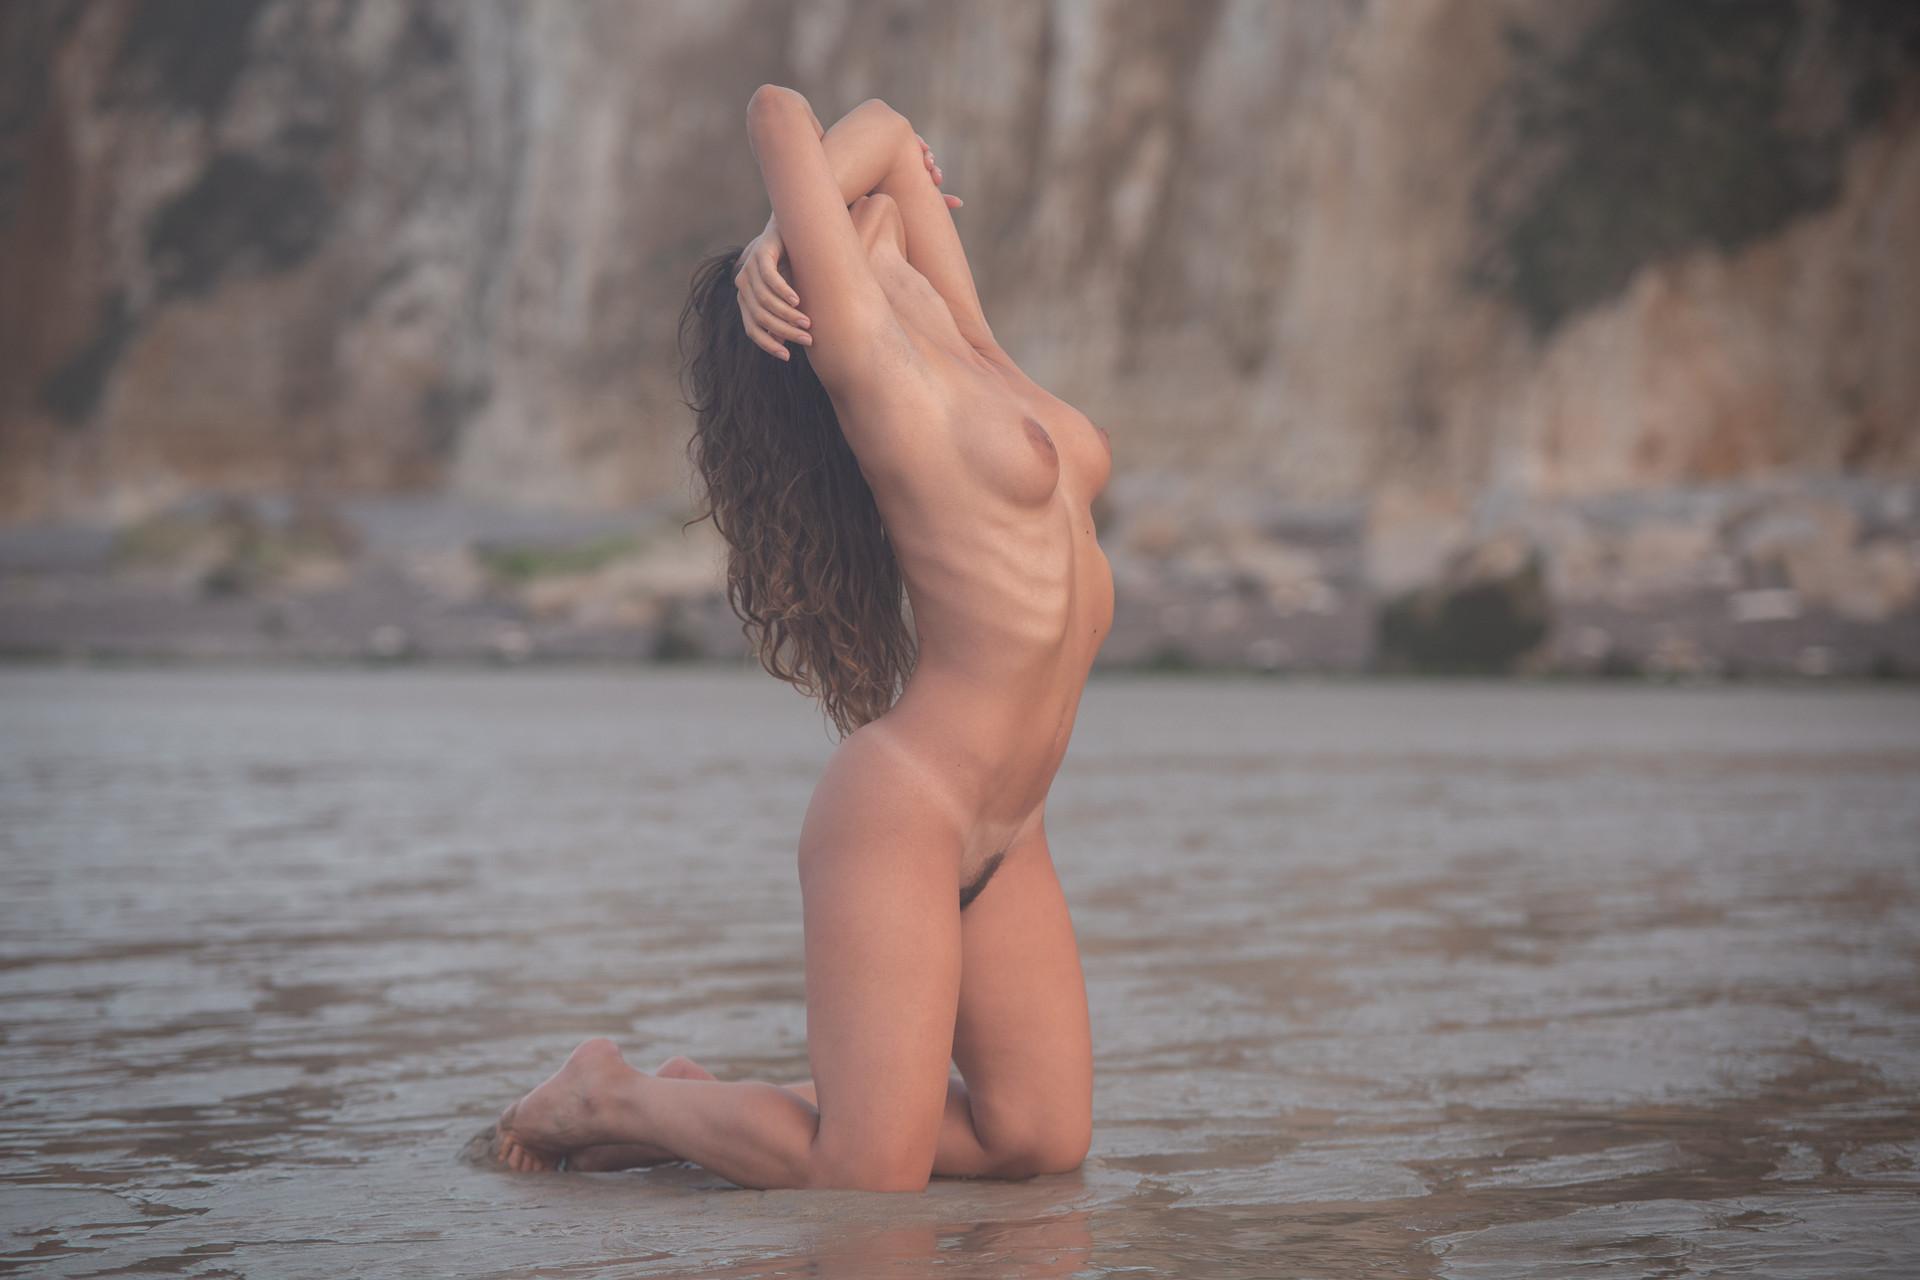 Eliya_Sept2019_DimitriKlosowski_Sunset_0